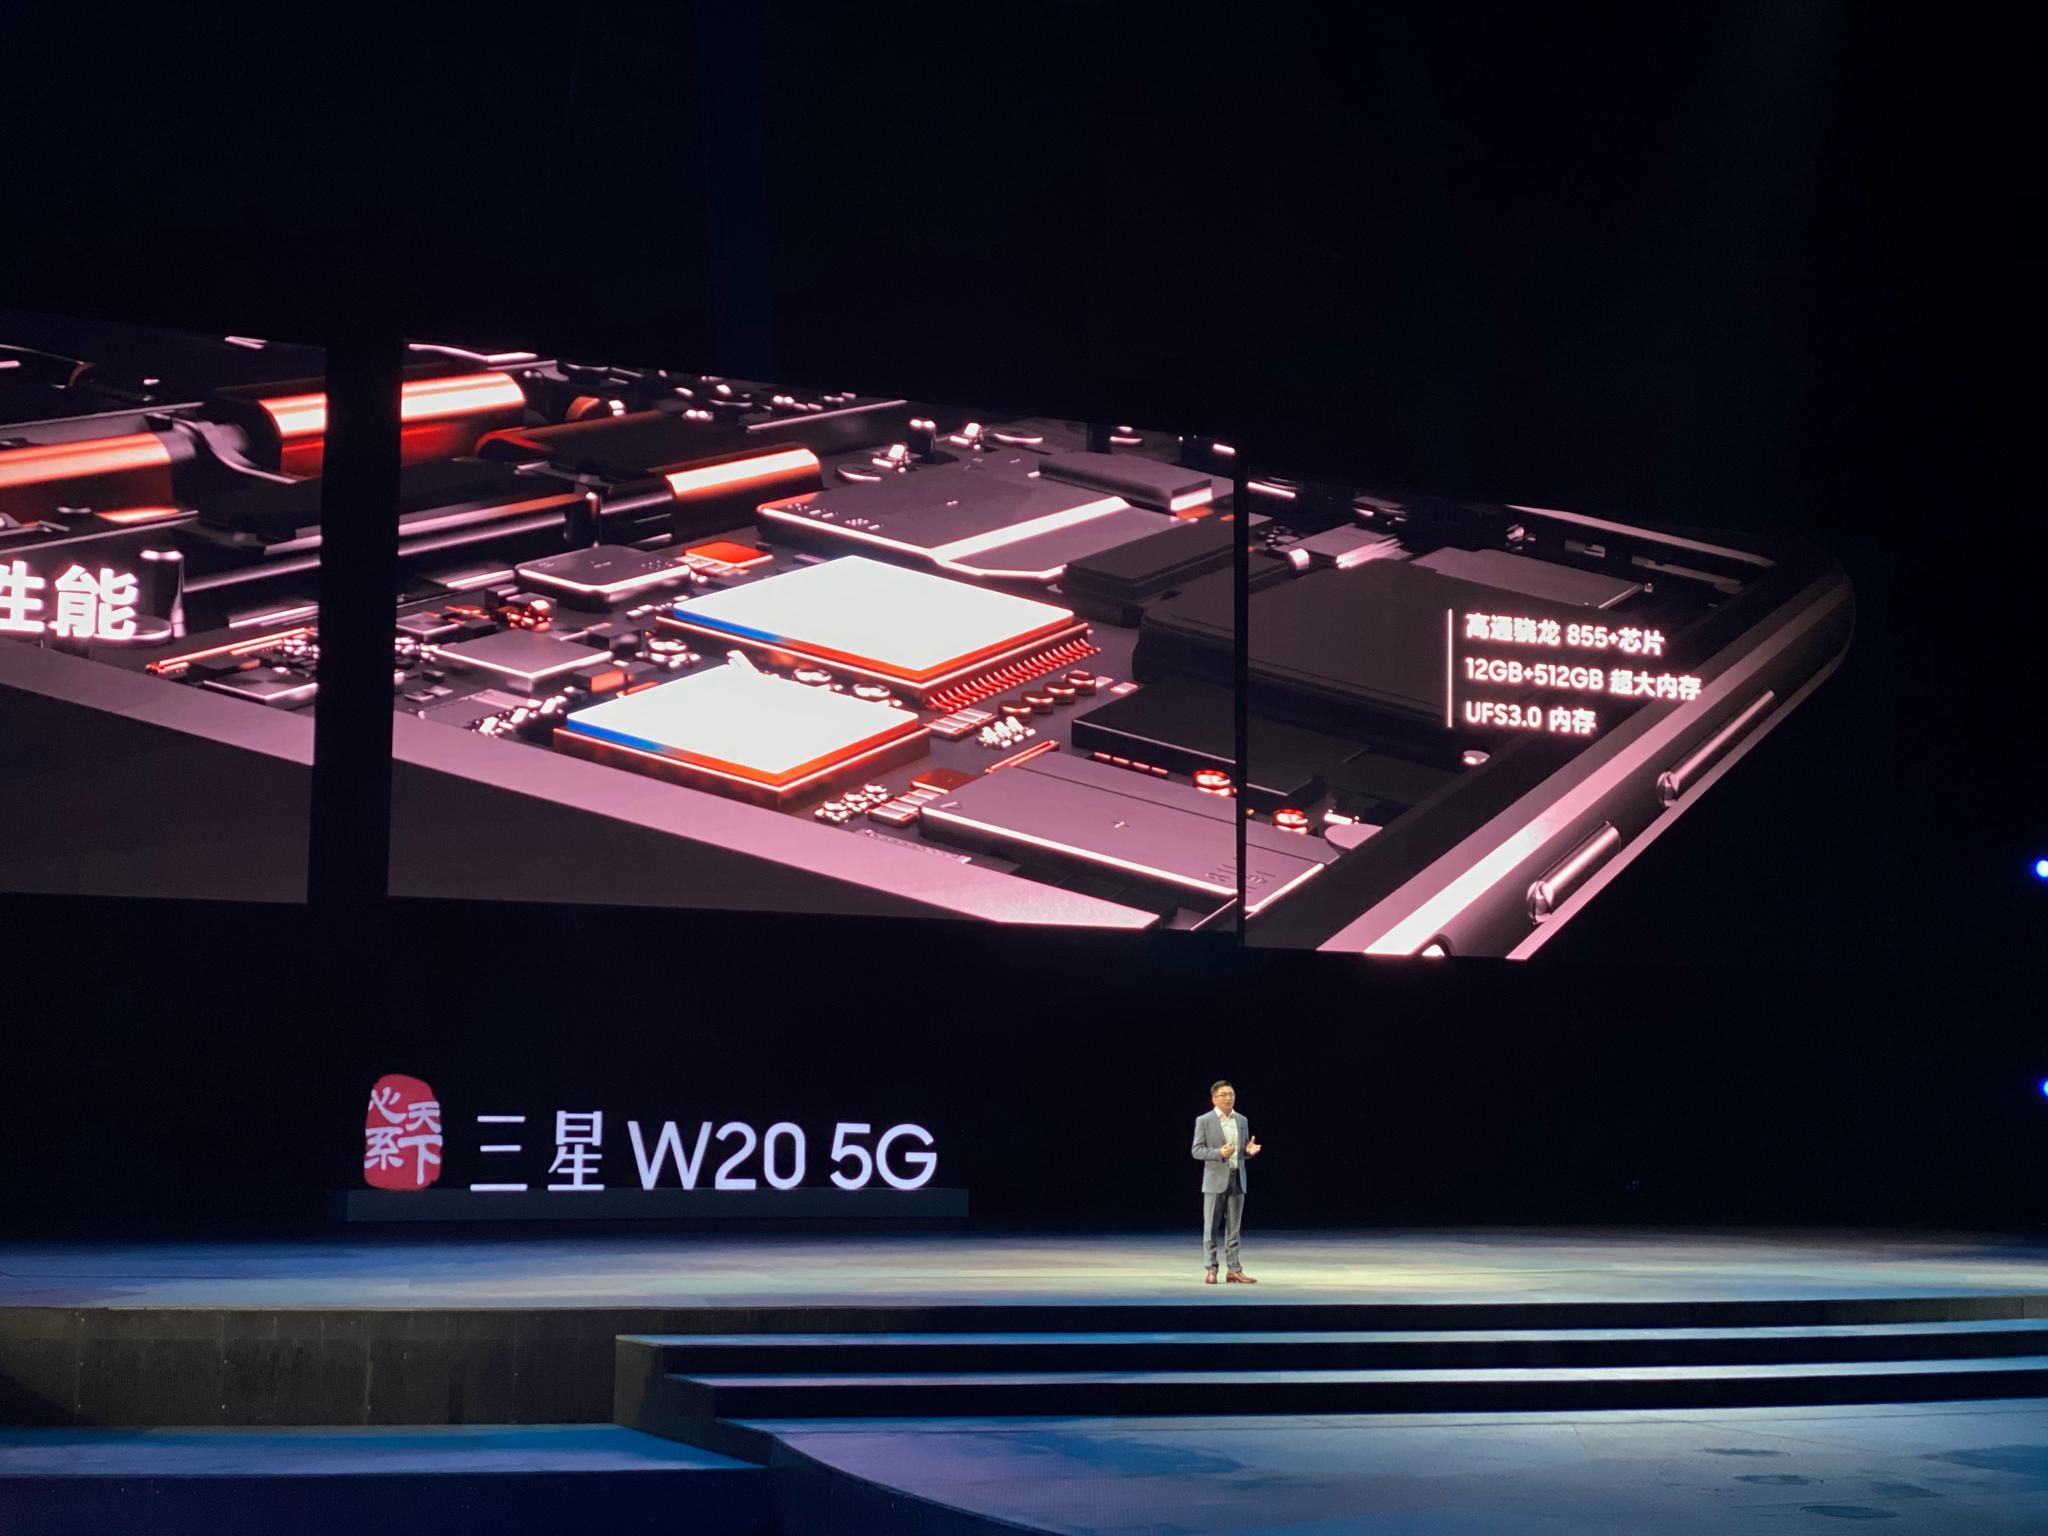 三星 W20 5G 折叠屏手机采用高通骁龙 855 Plus 芯片,边框更方正